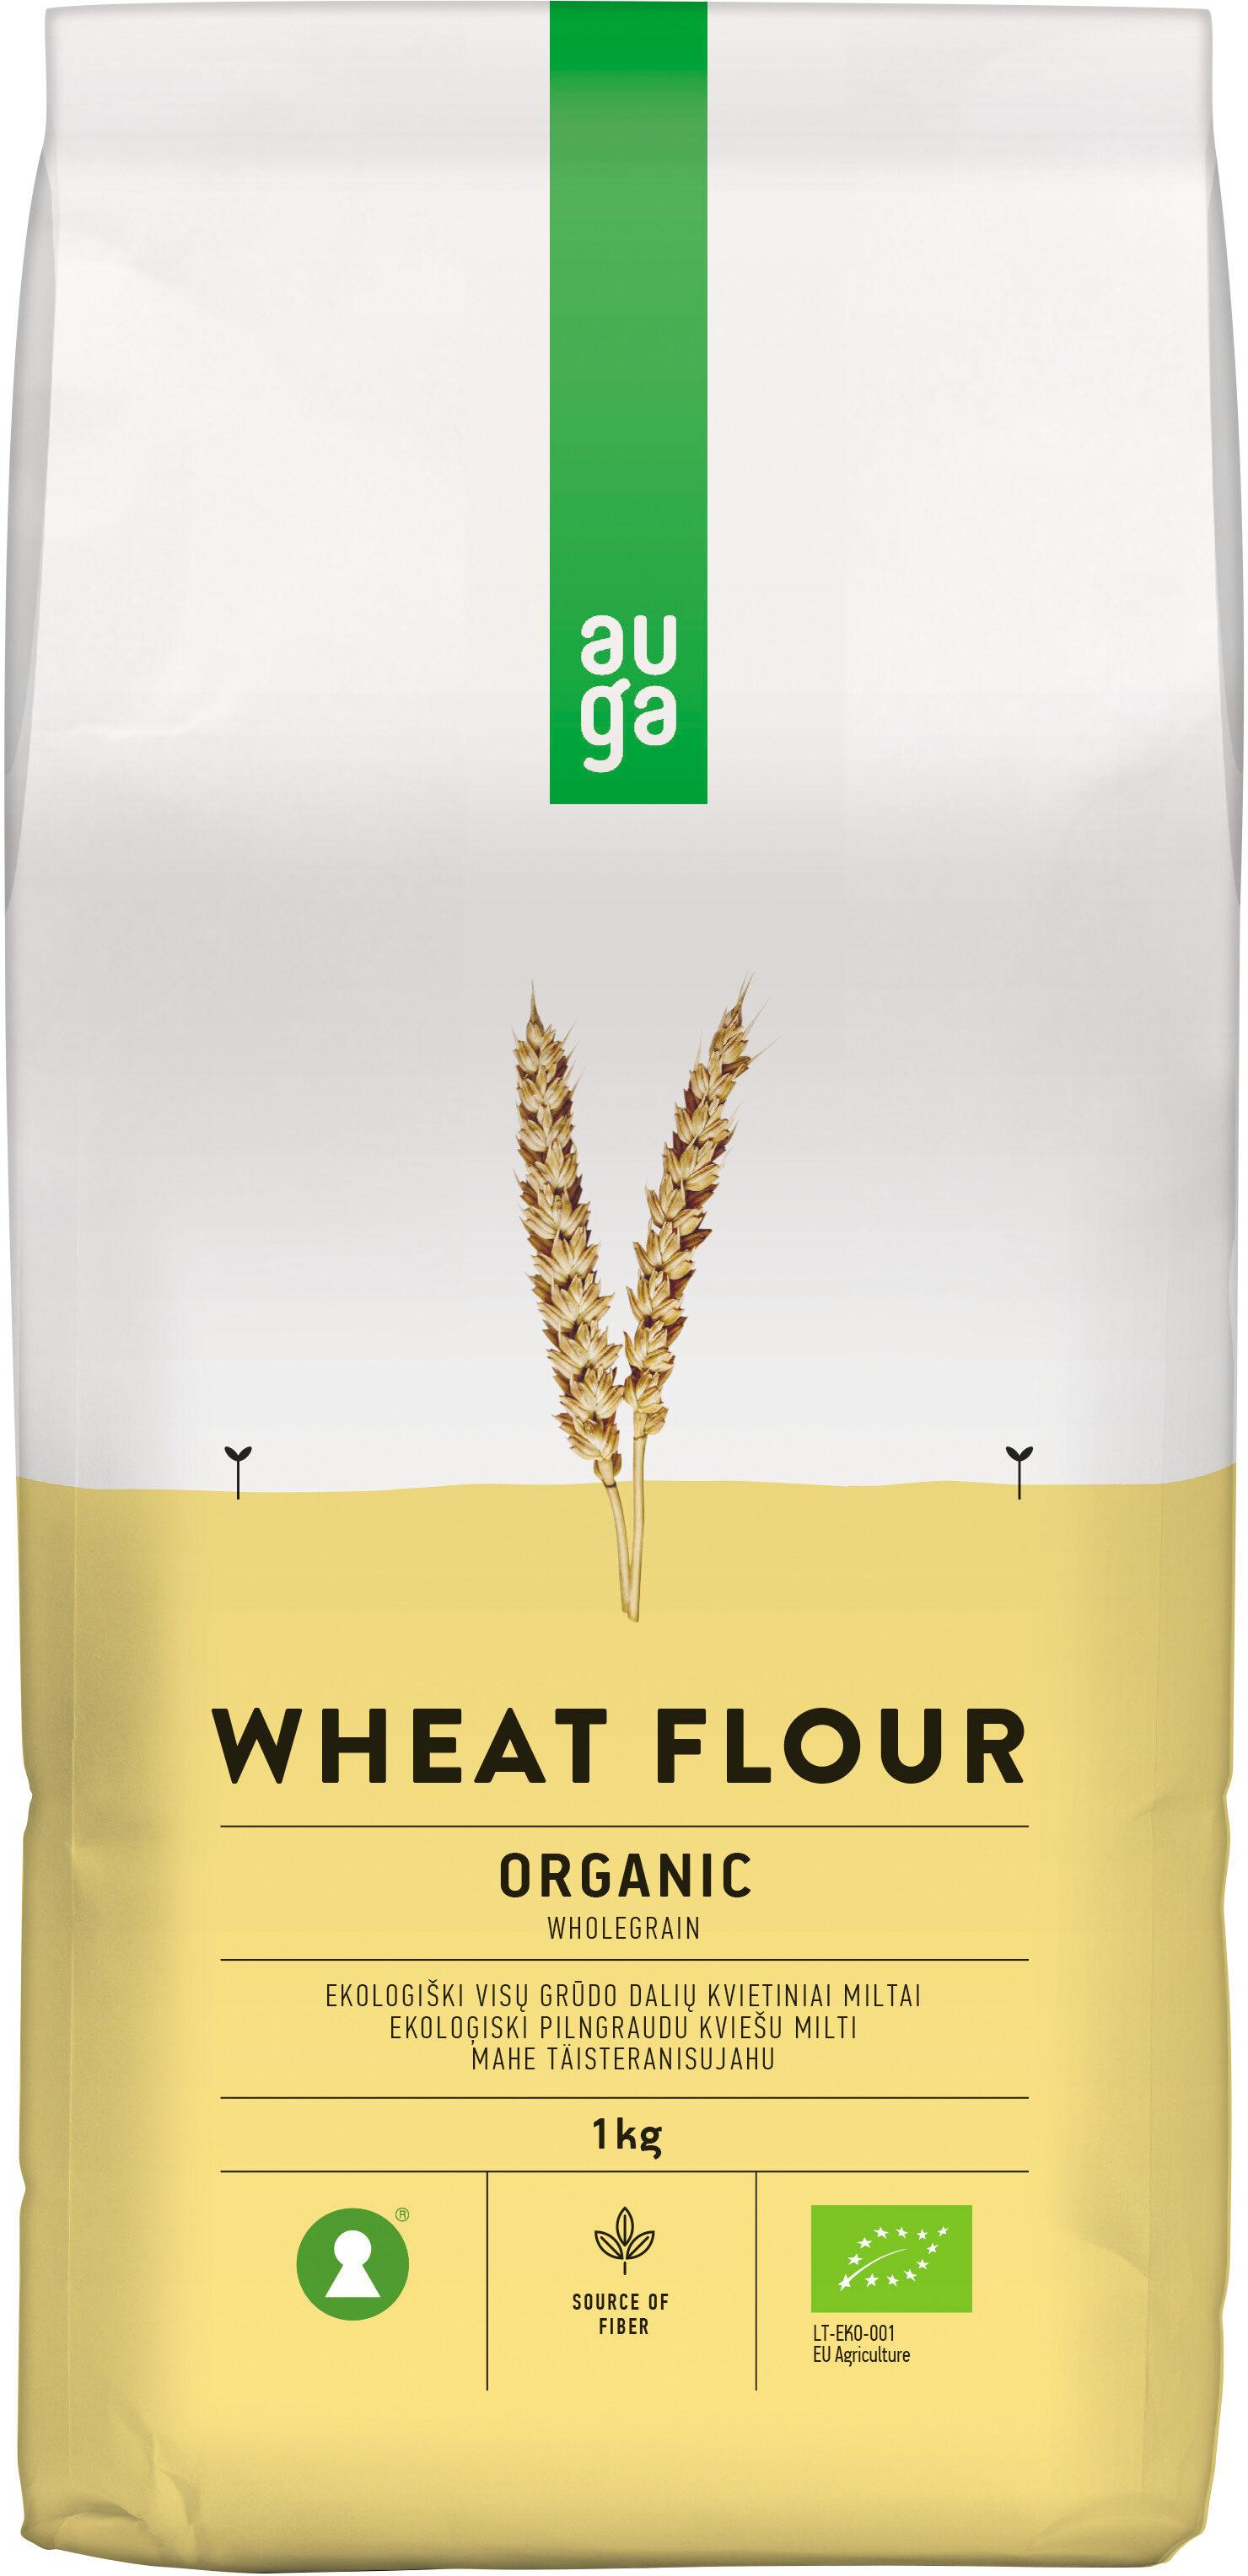 Wheat Flour - Product - en